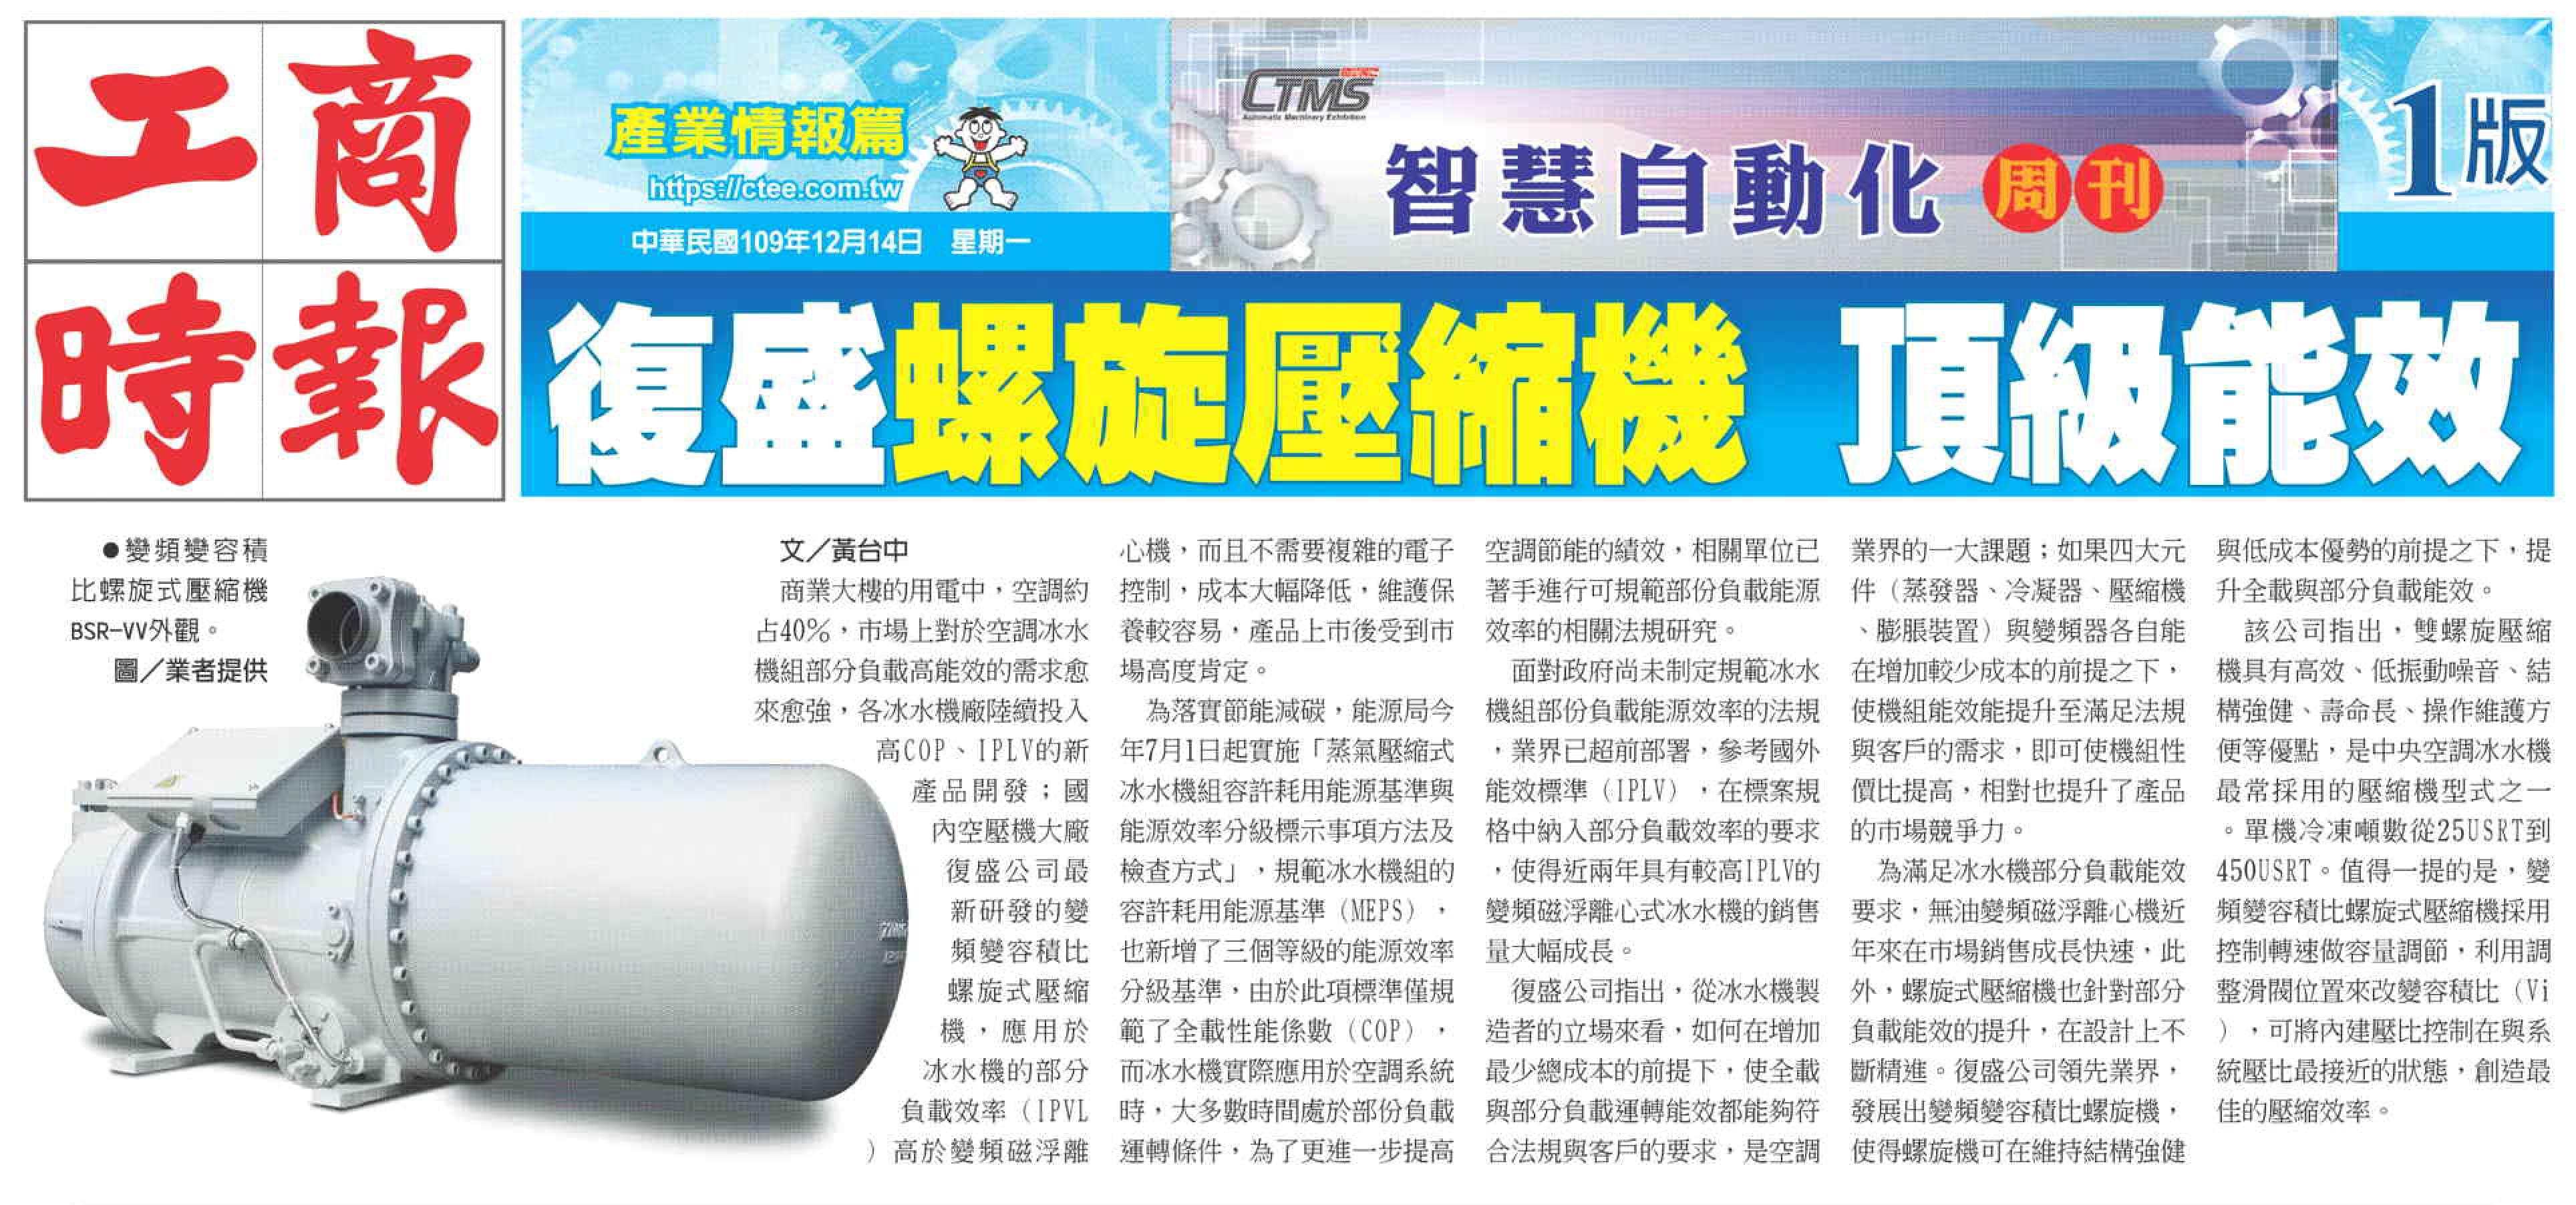 ind_images/news/2020/BSR-工商時報-1.jpg